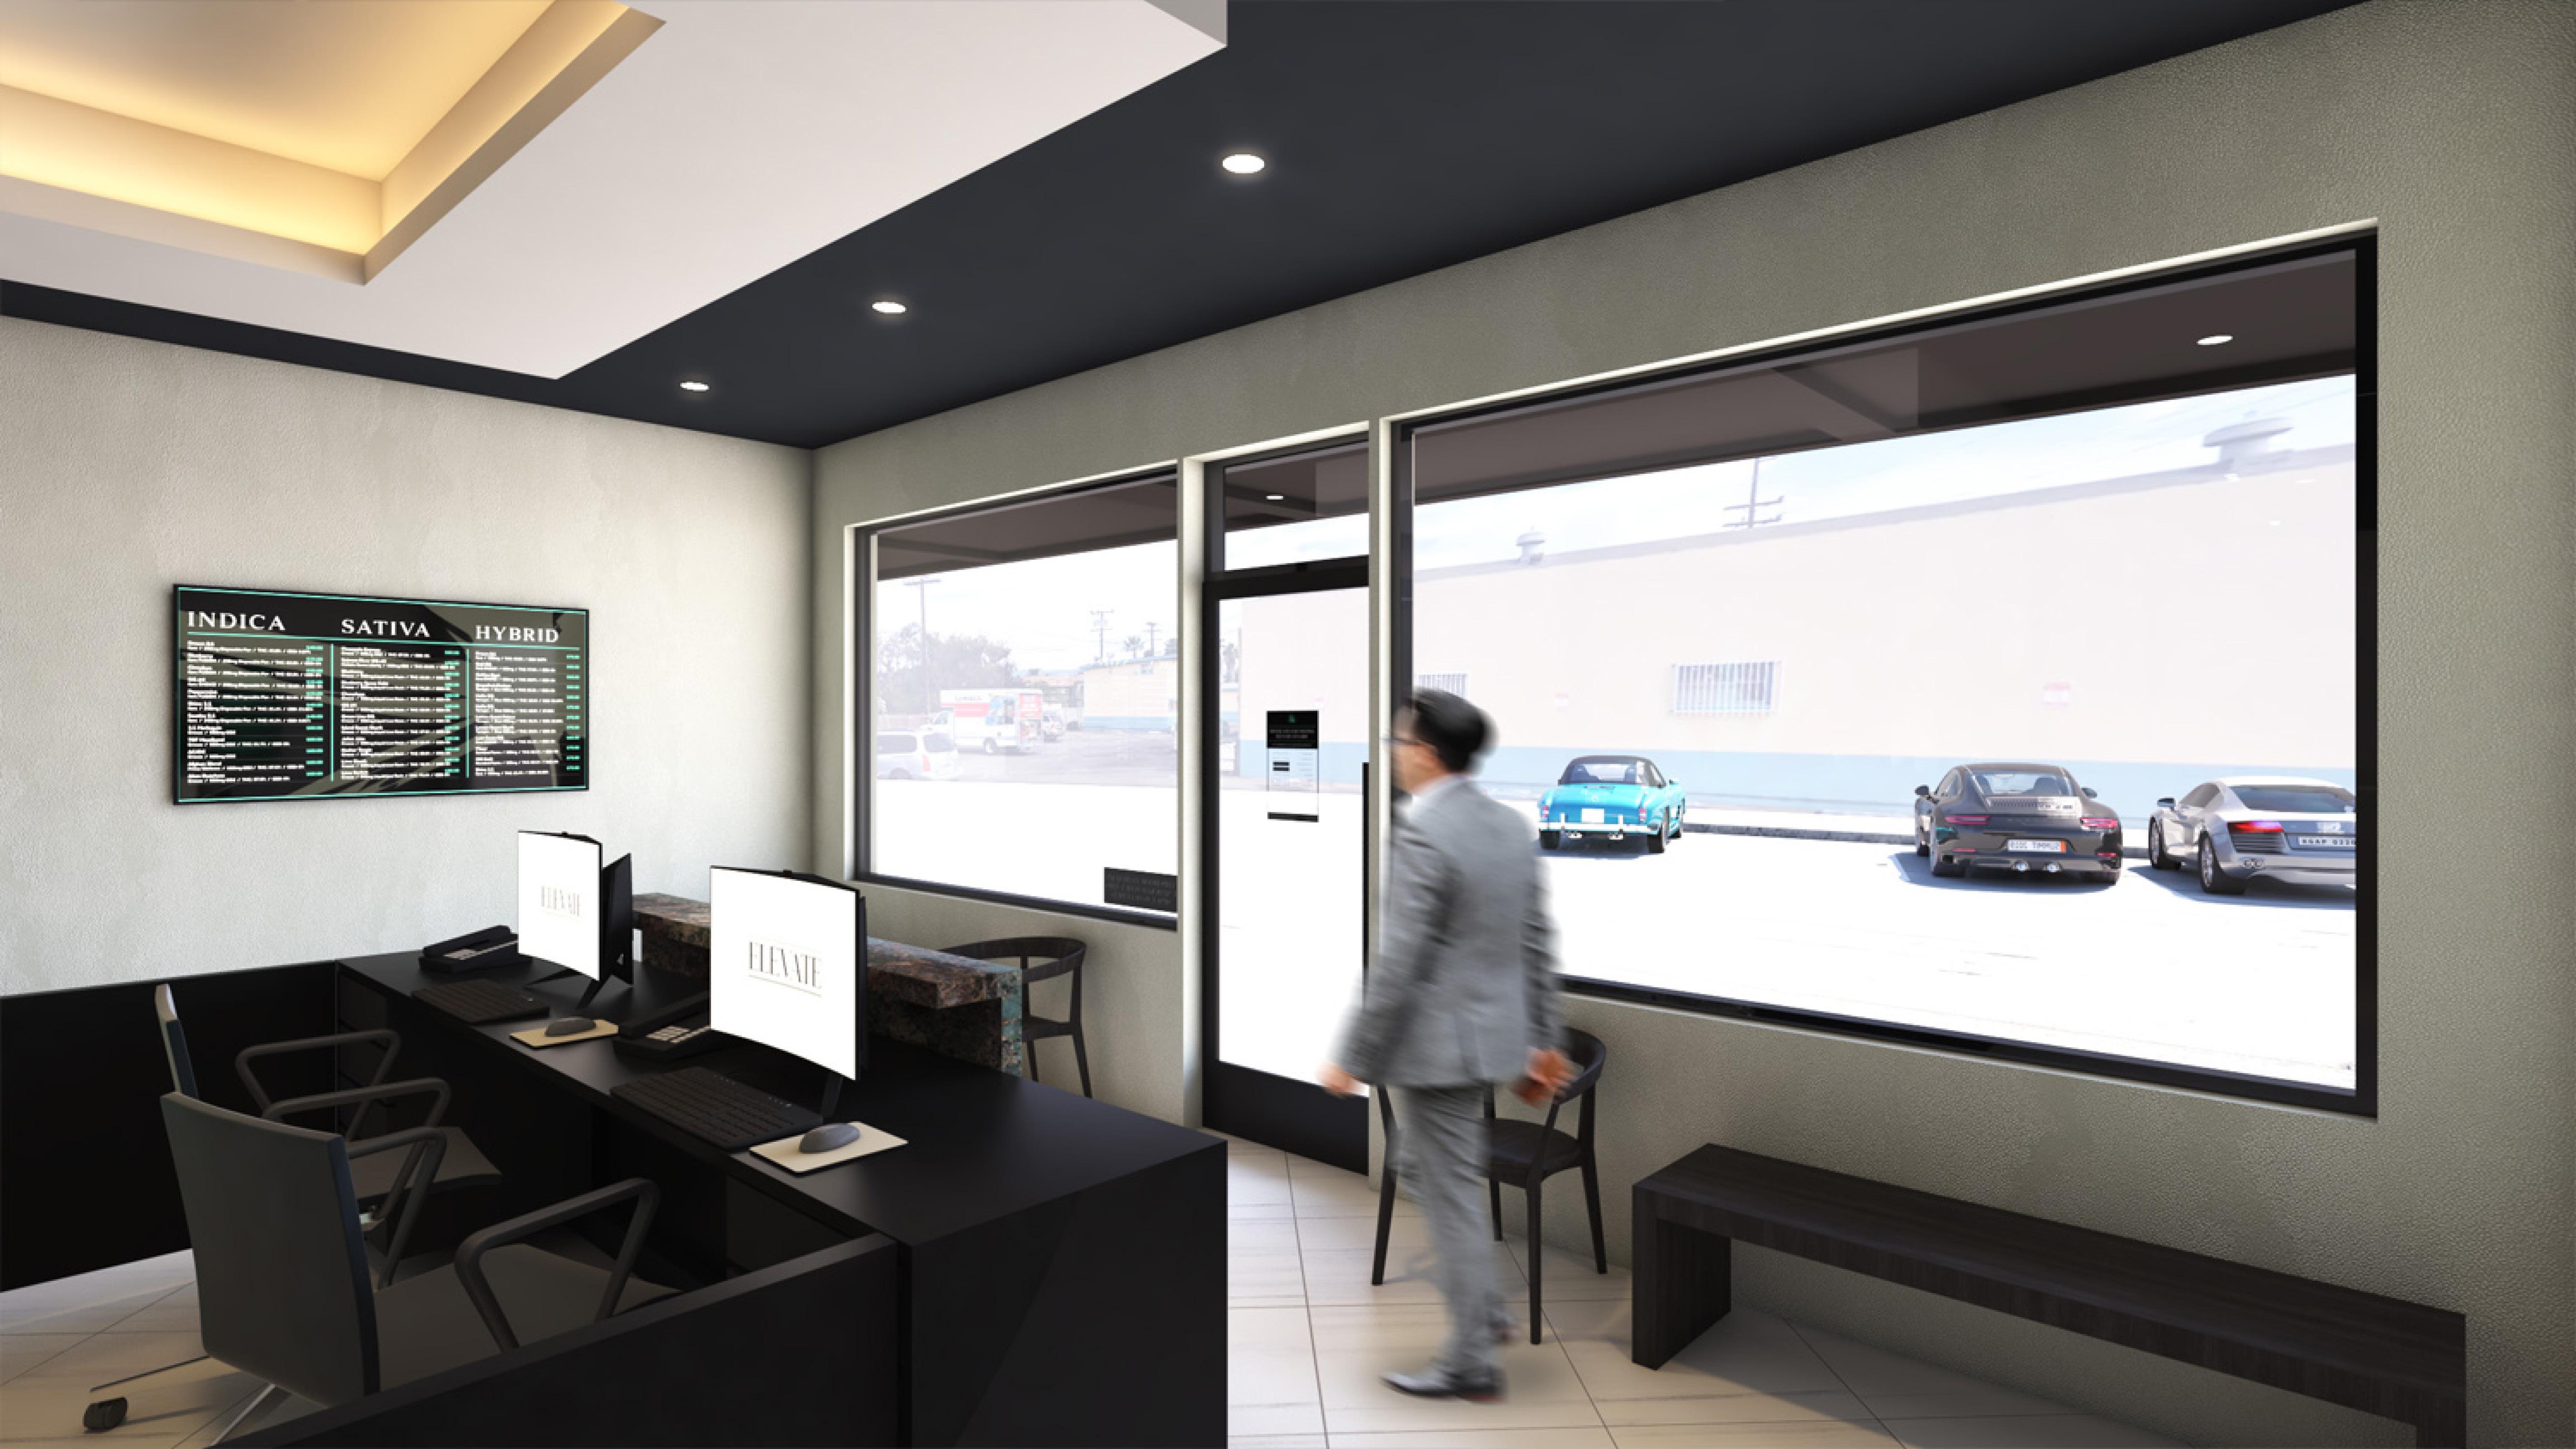 Elevate in Vineyard, CA- Dispensary Design by High Road Studio - Coming Soon